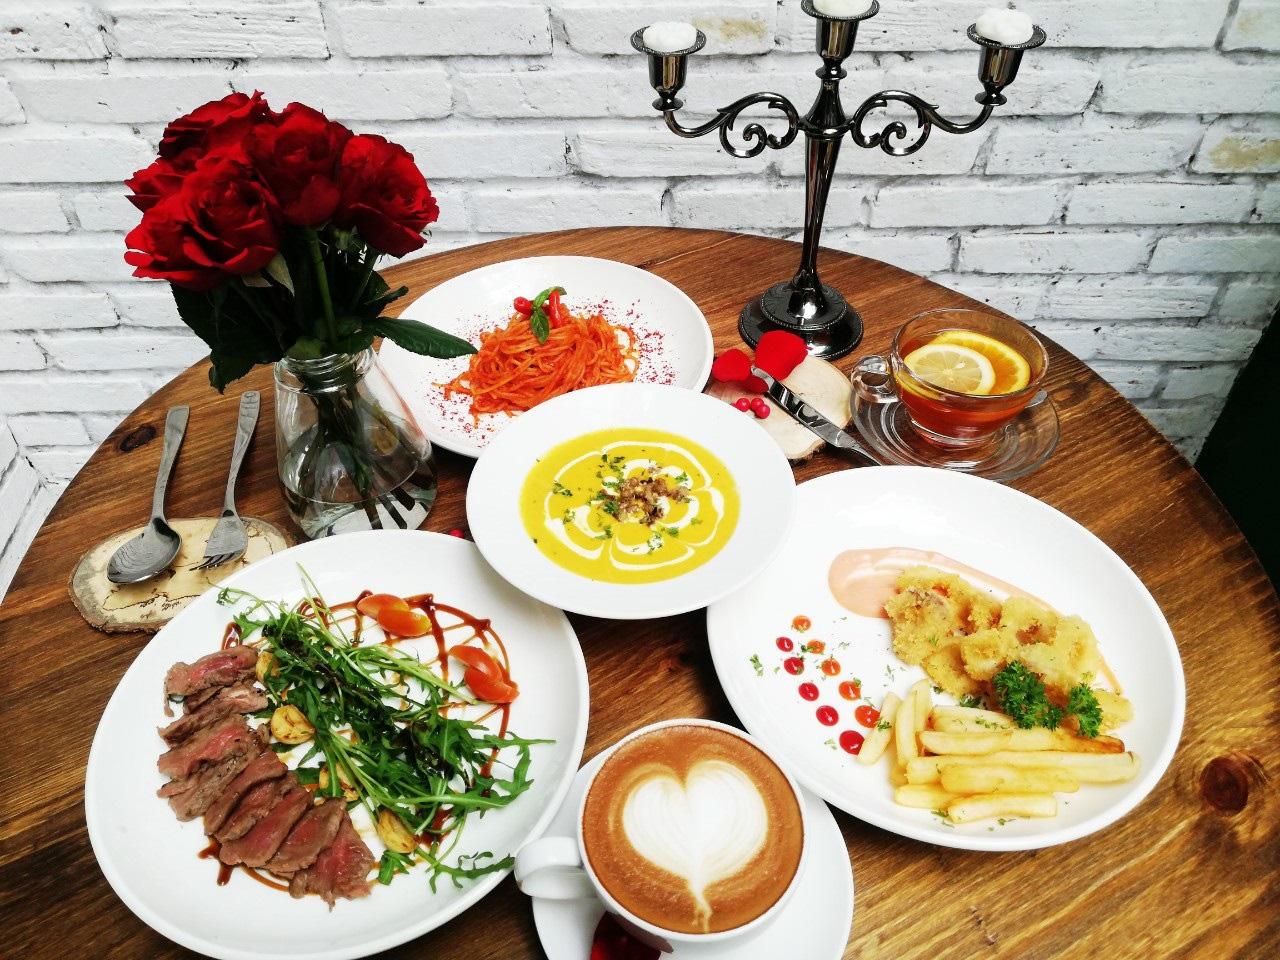 Bất ngờ với AKÓMA Café & Fusion – Một không gian châu Âu tối giản giữa lòng Sài Gòn - Ảnh 10.